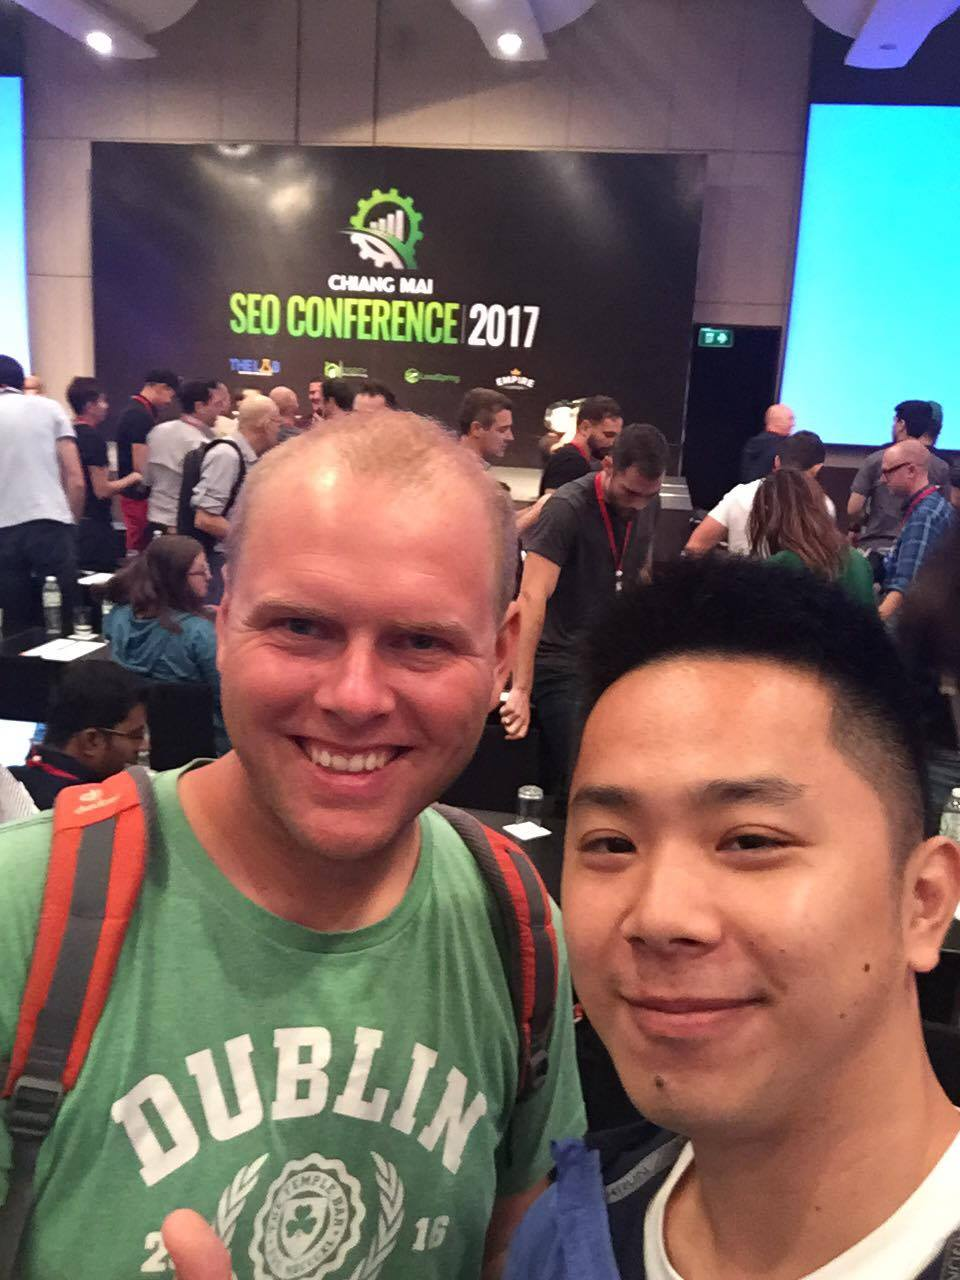 Christoph Labrenz mit einem chinesischen SEO Kollegen auf der Chiang Mai SEO Conference 2017 in Thailand.